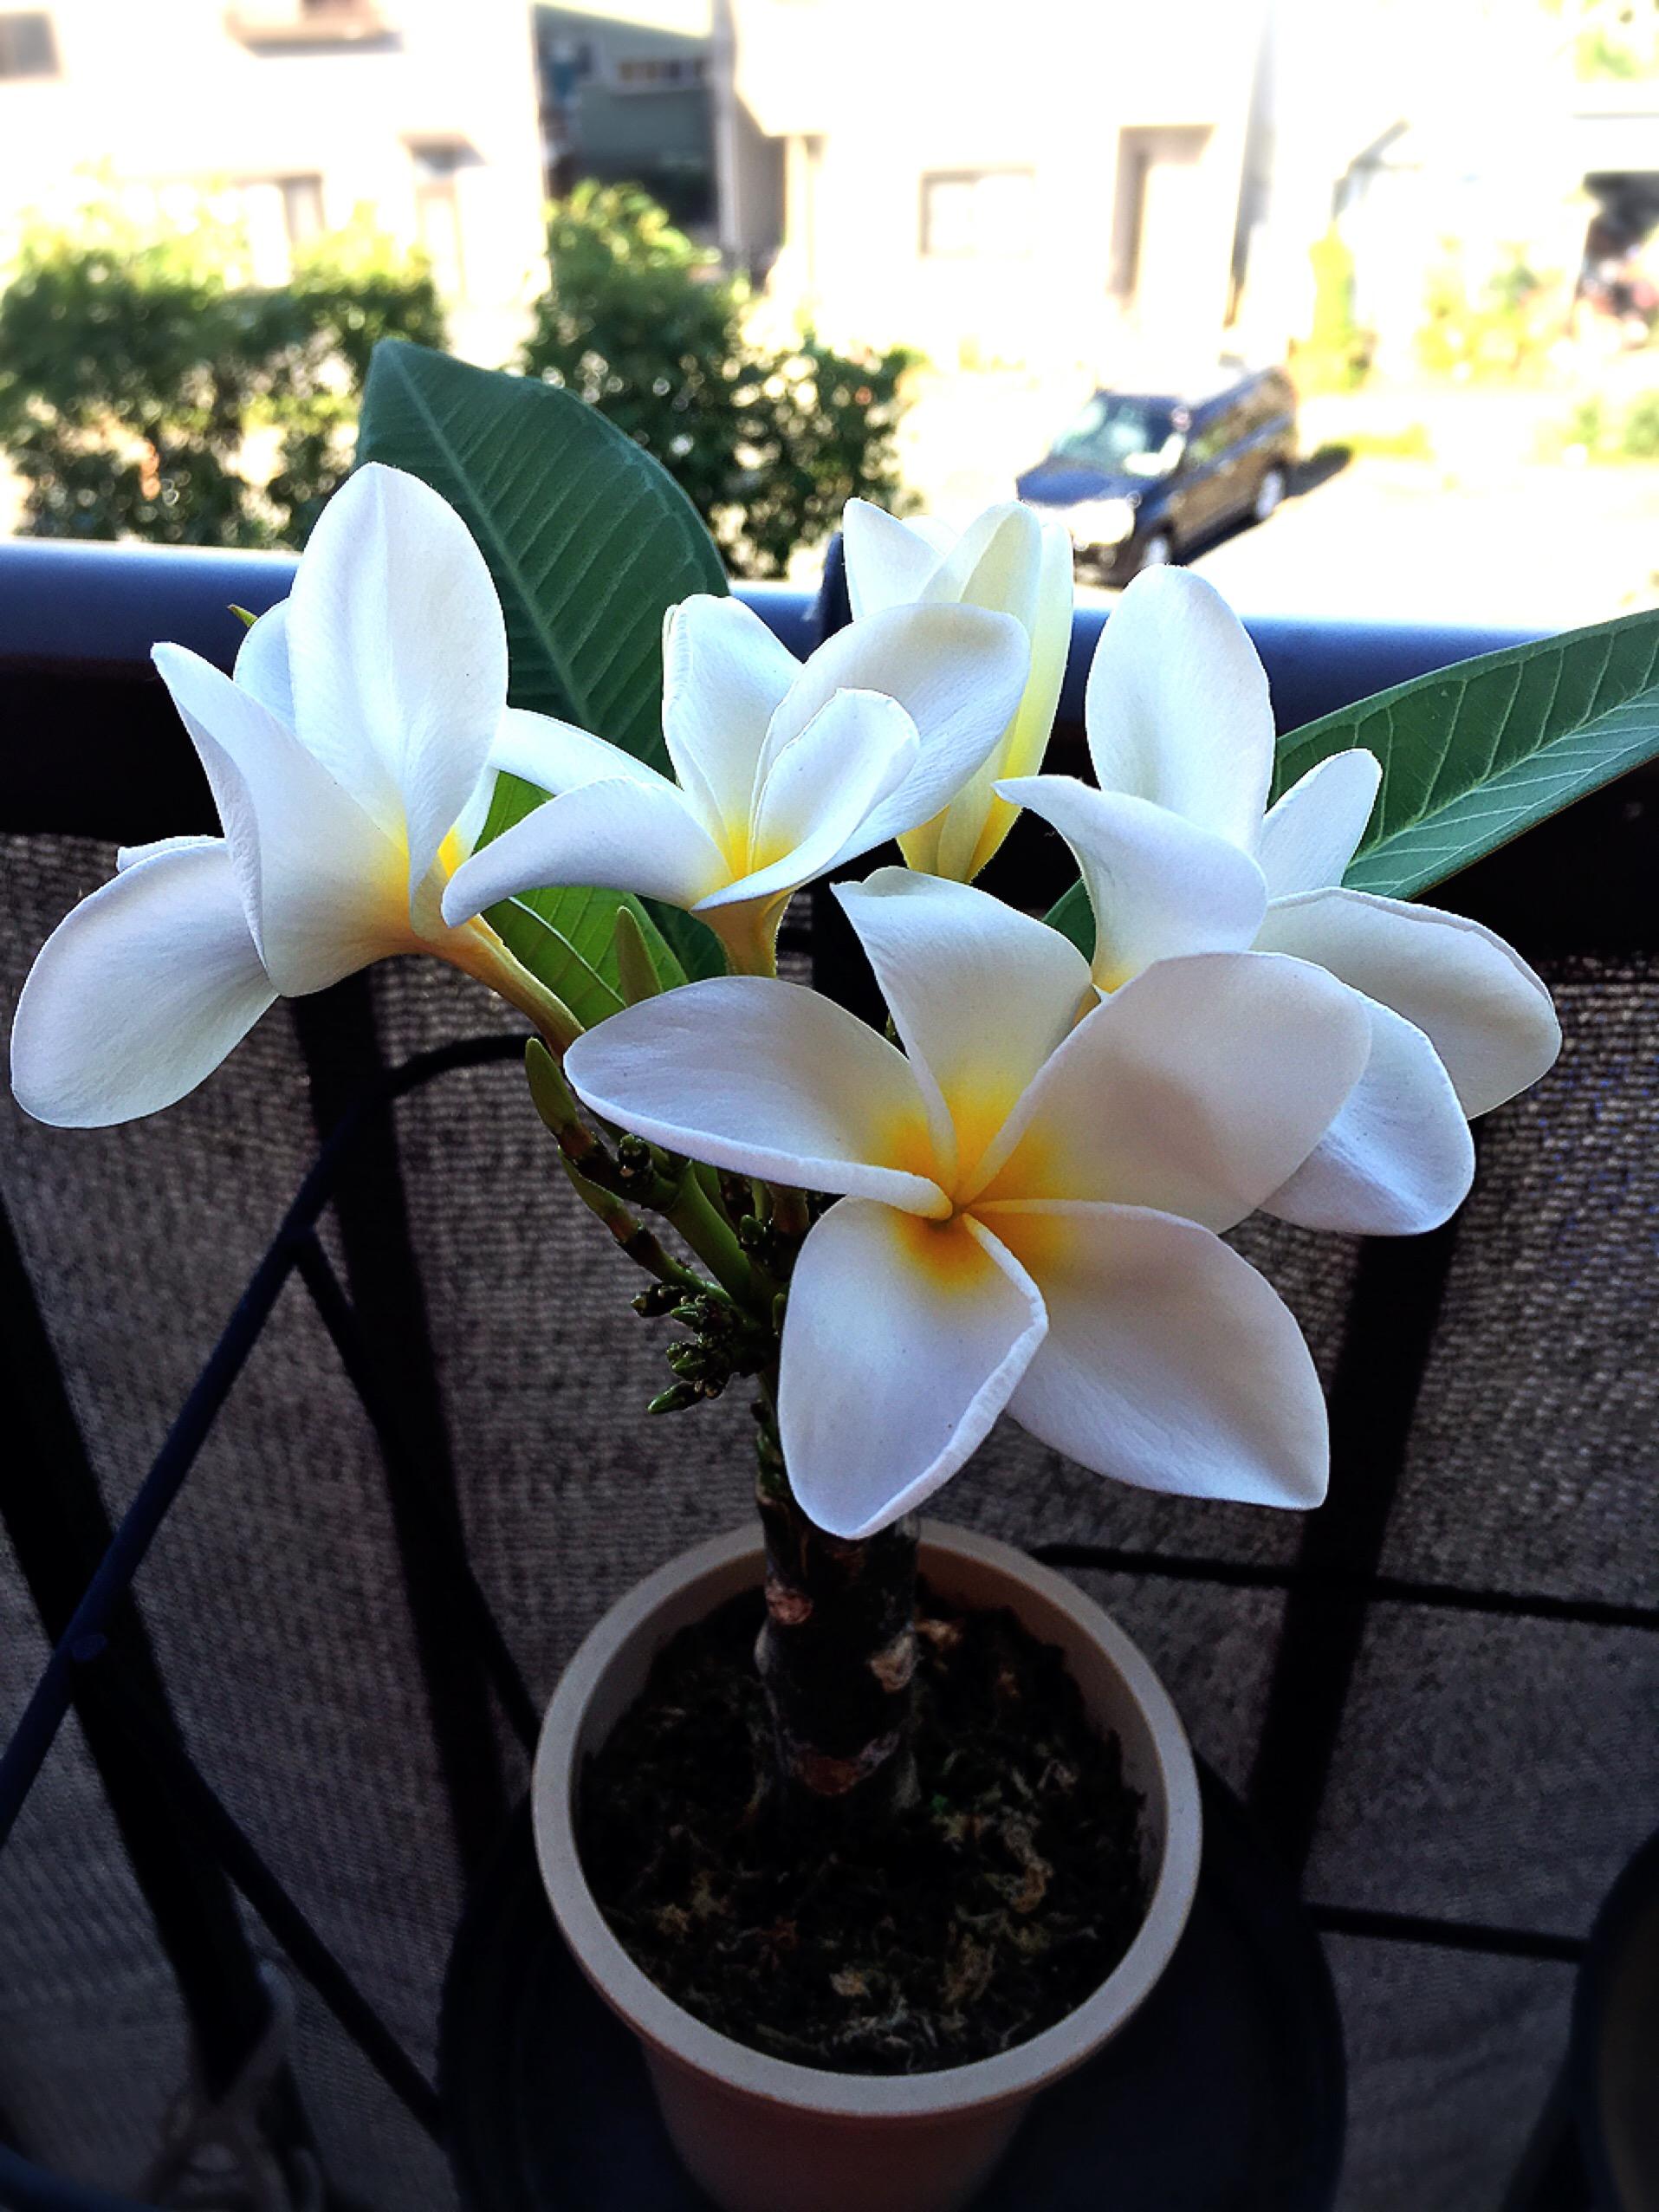 ハワイで買った苗木